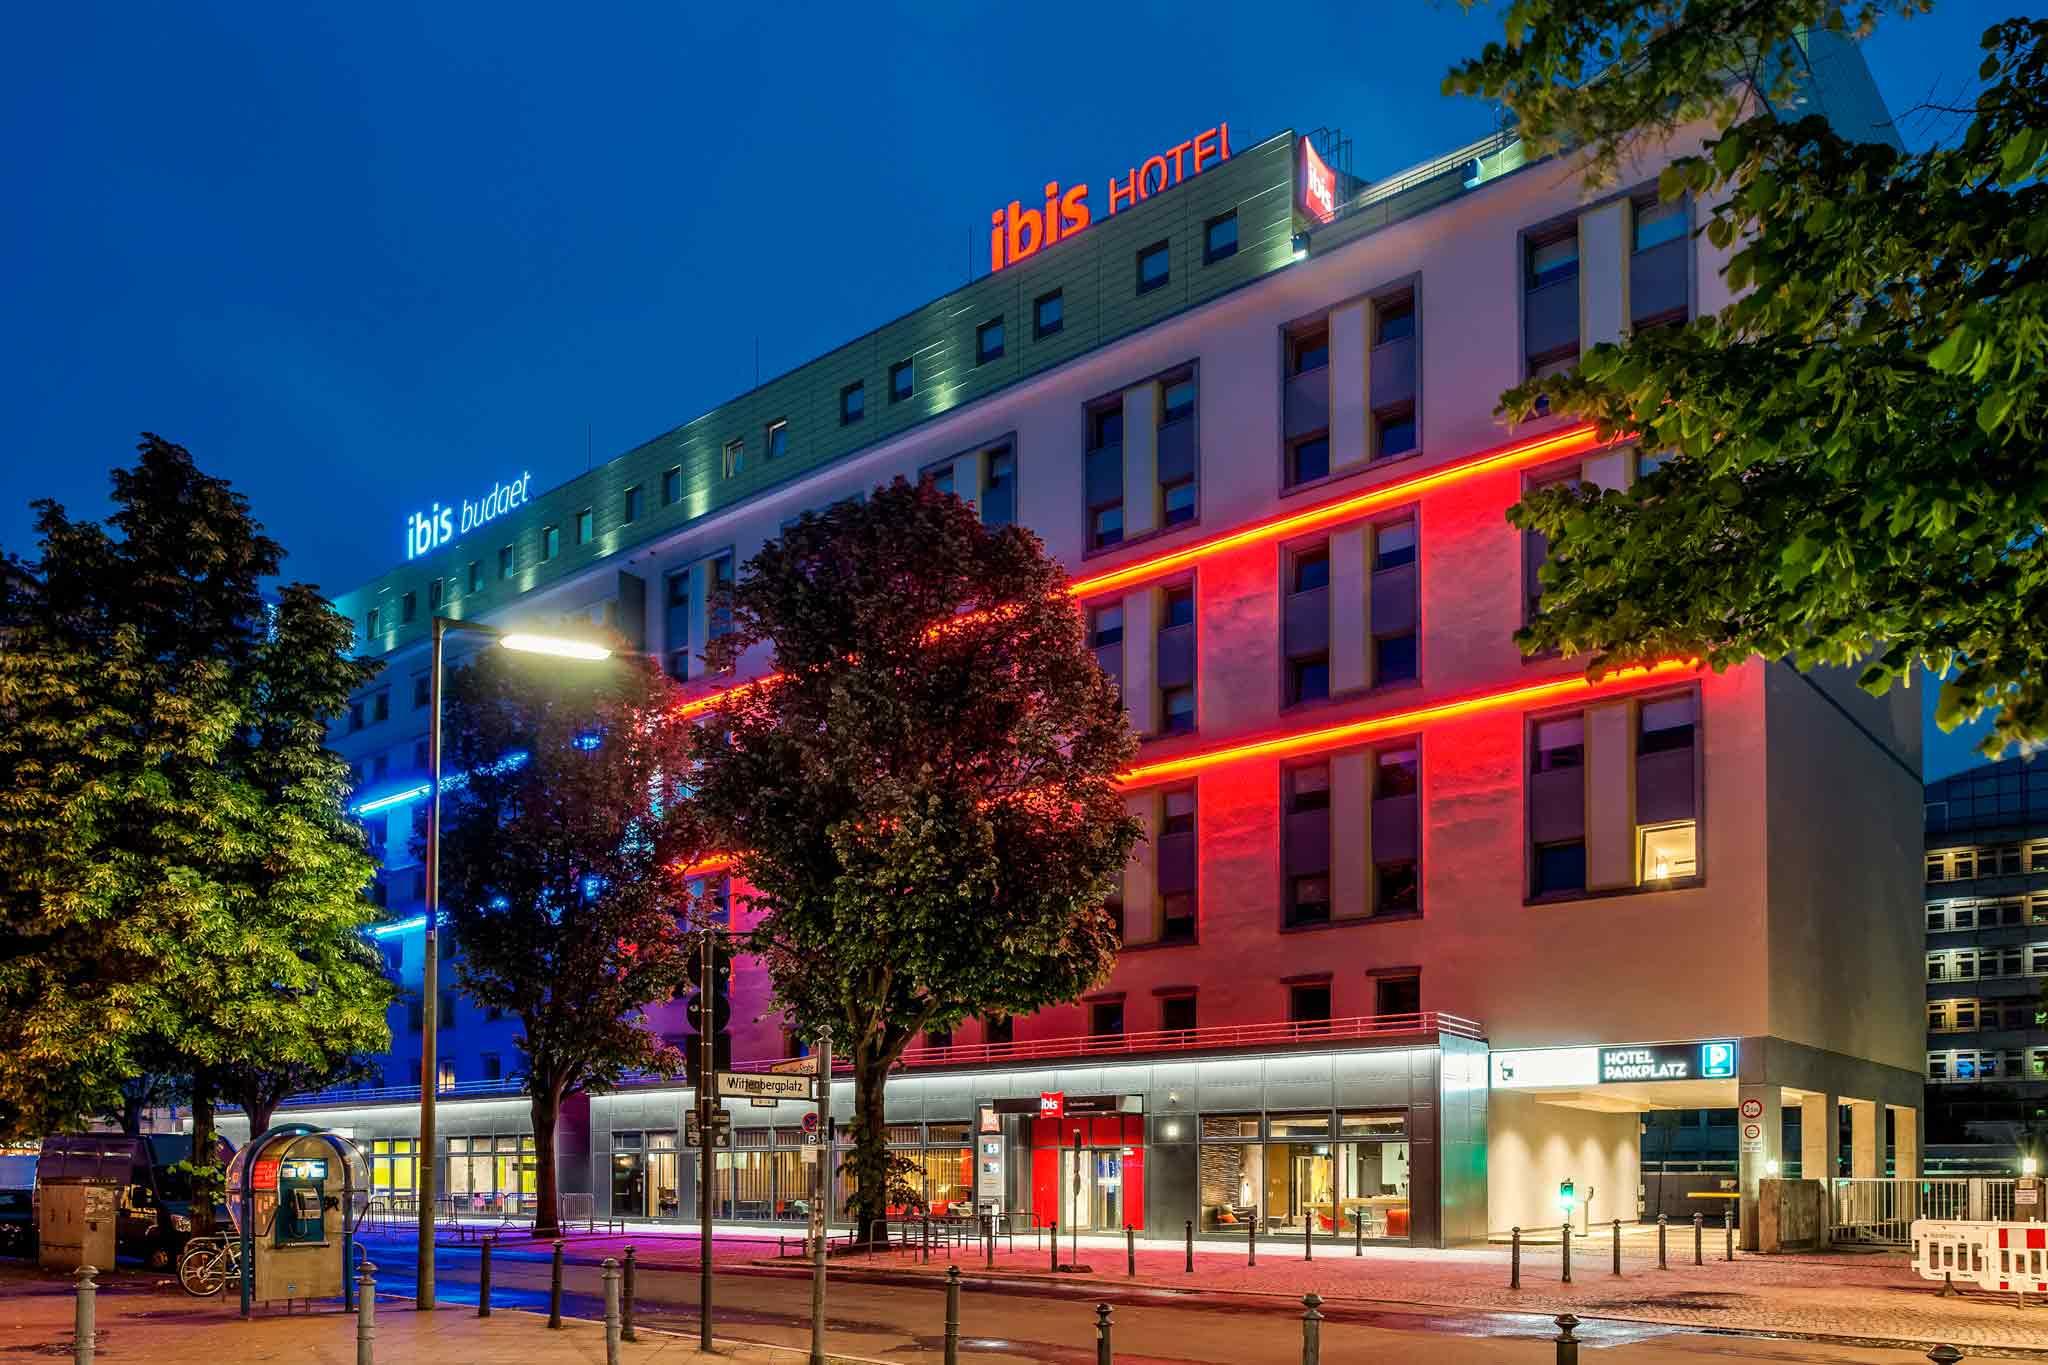 Hotel ibis Berlin Kurfürstendamm Exterior 2